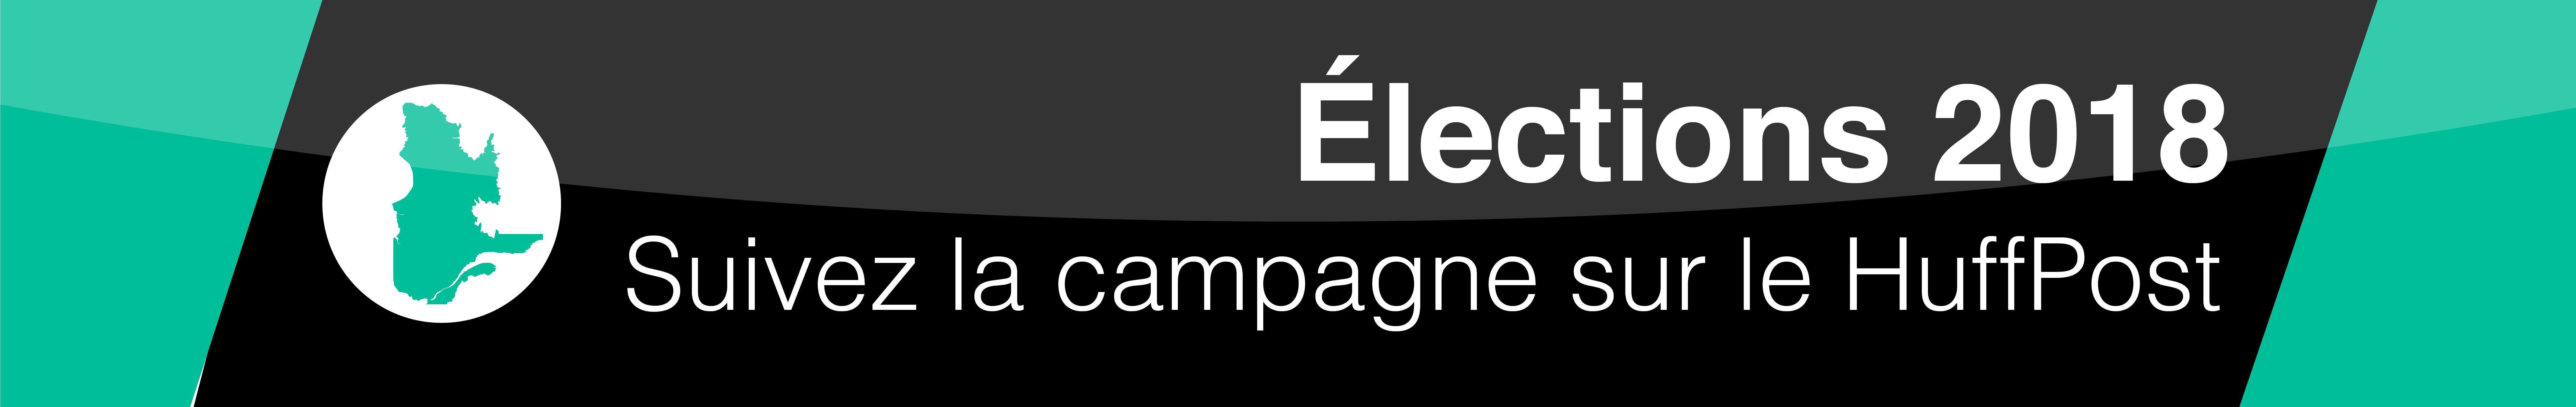 Élections 2018 : Voici toutes les promesses électorales du PLQ, du PQ, de la CAQ et de